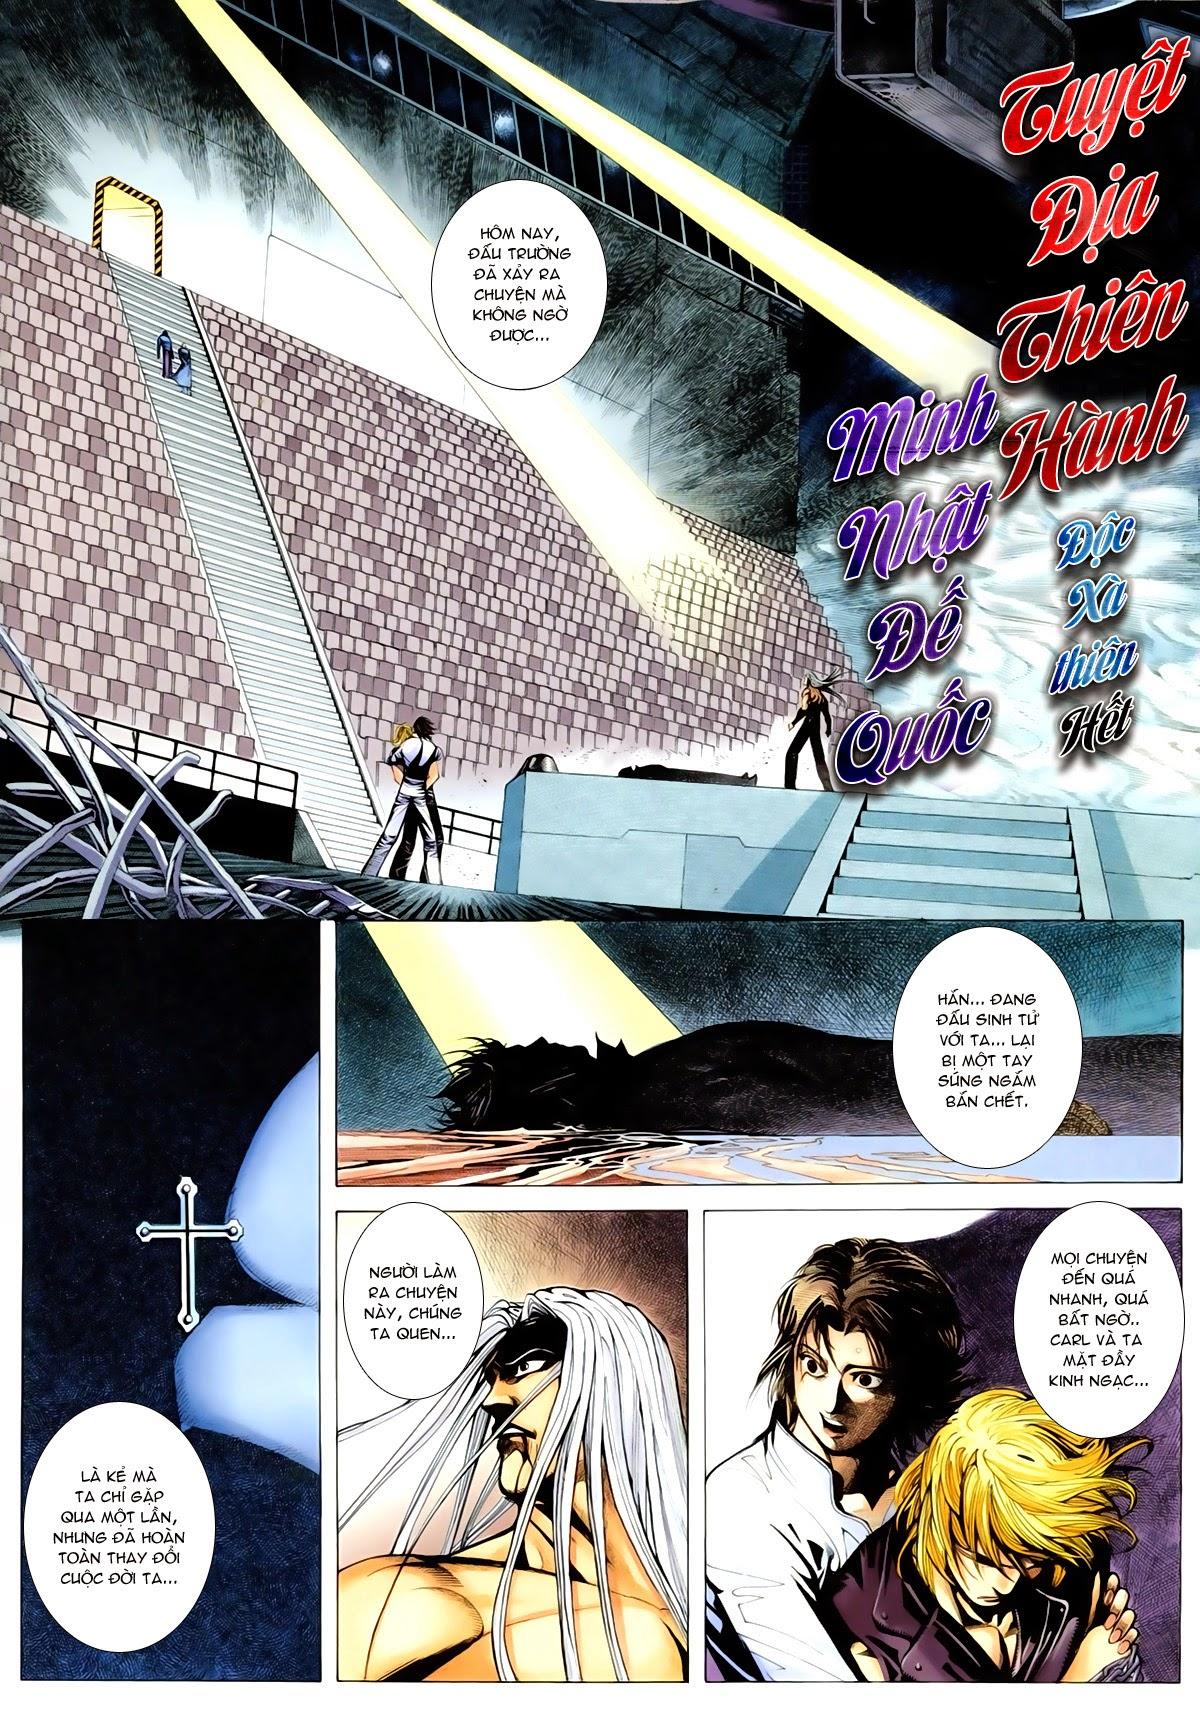 Tuyệt Địa Thiên Hành Chapter 8 - BigTruyen.net